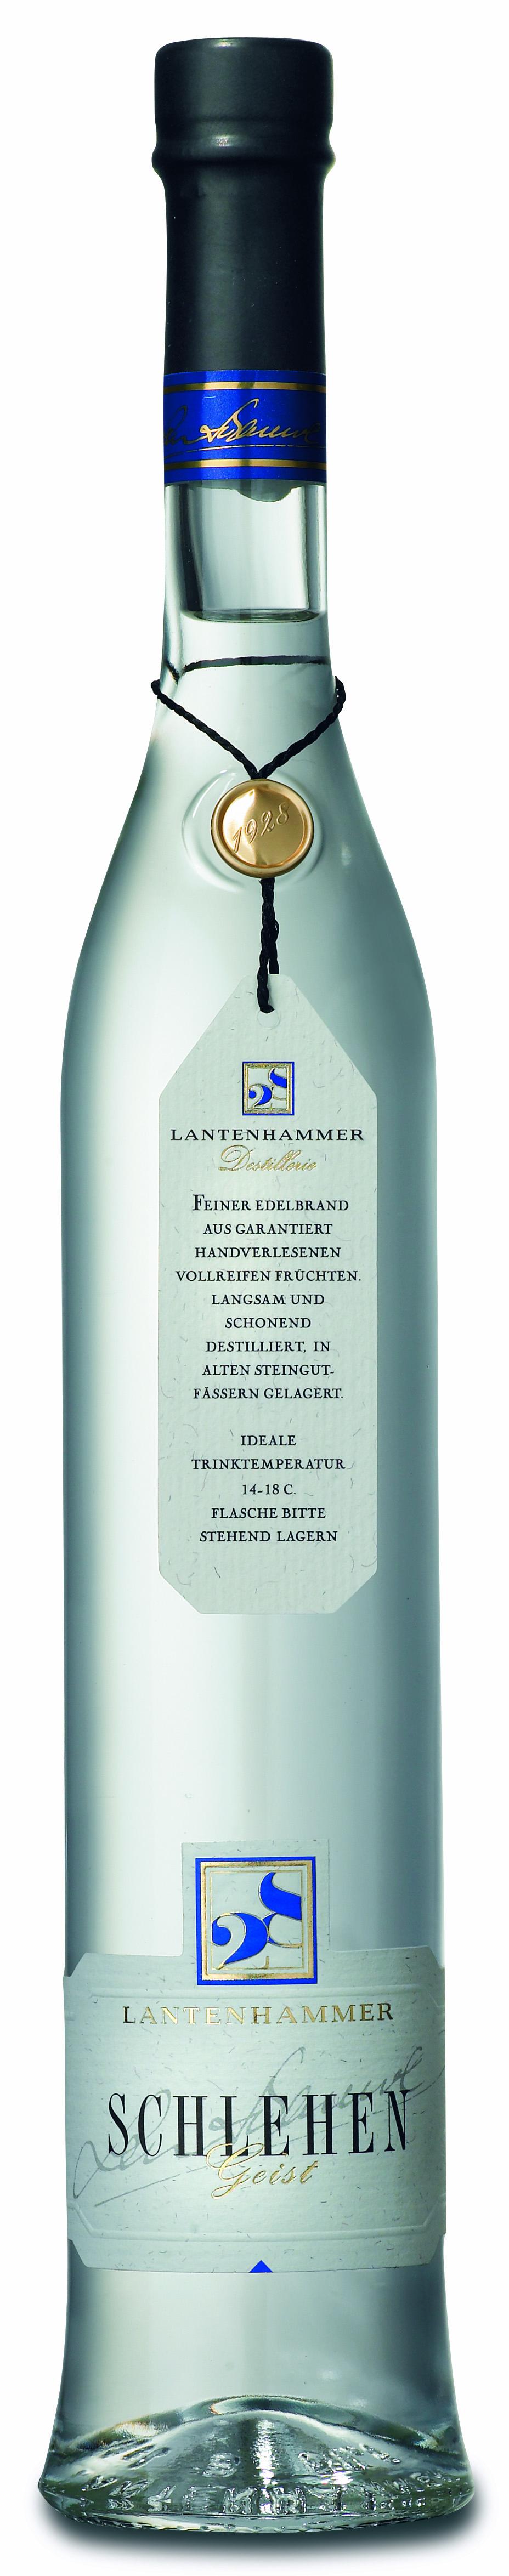 Lantenhammer Schlehengeist